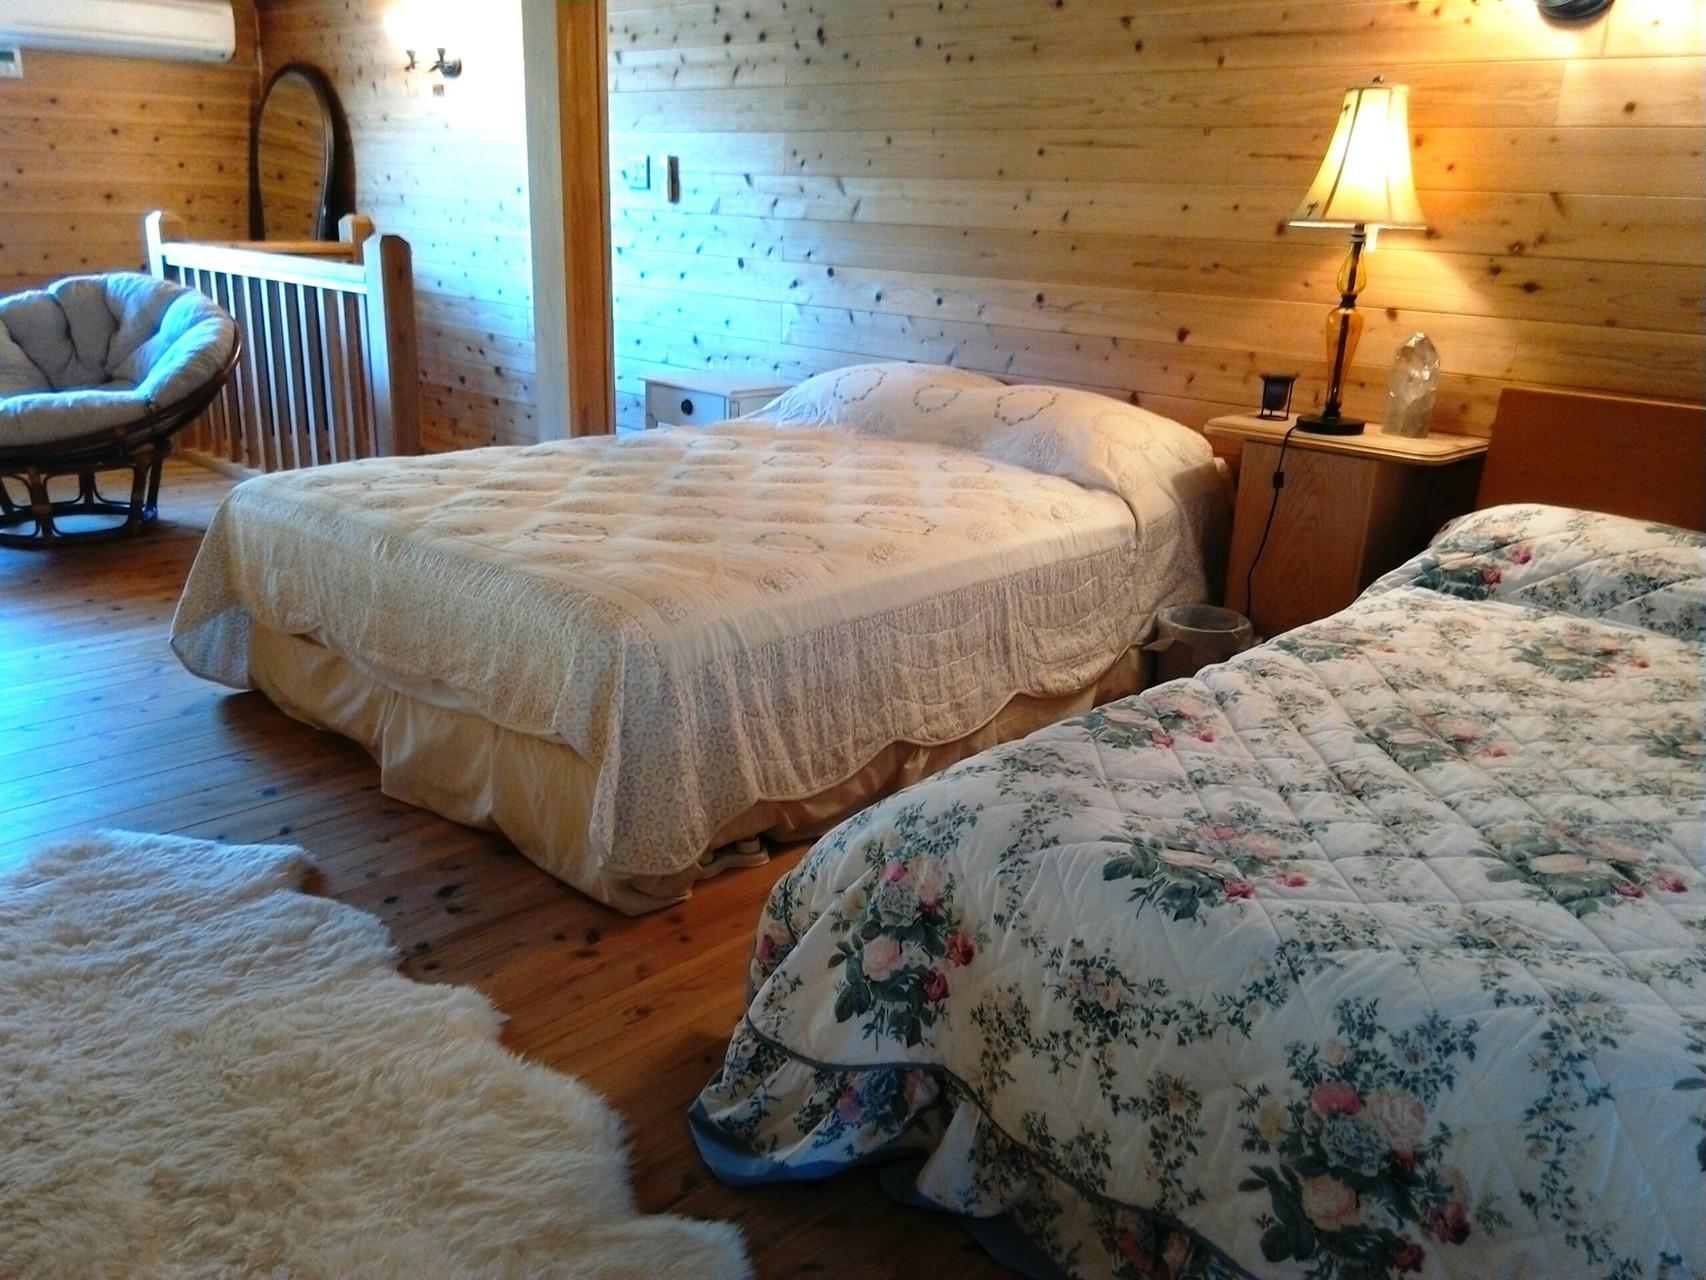 ロフトベッドルーム(クイーンサイズベッド、セミダブルベッド)  Loft